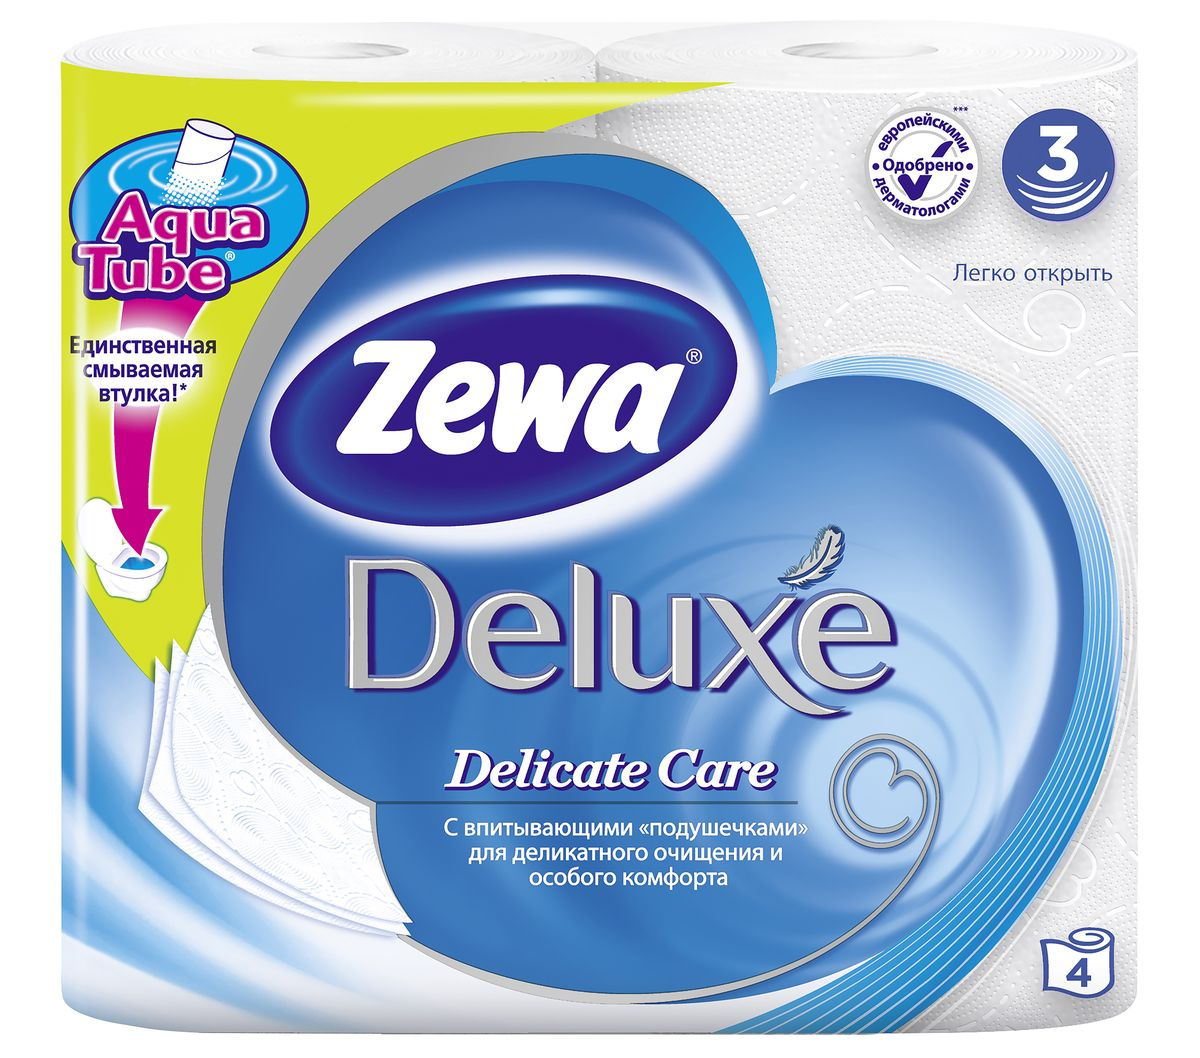 Туалетная бумага Zewa Deluxe Белая, 3 слоя, 4 рулона3228Подарите себе удовольствие от ежедневного ухода за собой. Zewa Deluxe сновыми впитывающими подушечкамиделикатно очищает и нежно заботится о вашей коже. Мягкость, Забота, Комфорт – вашей коже это понравится!Сенсация! Со смываемой втулкой Aqua Tube!Белая 3-х слойная туалетная бумага без аромата4 рулона в упаковкеСостав: целлюлозаПроизводство: Россия Уважаемые клиенты!Обращаем ваше внимание на возможные изменения в дизайне упаковки. Качественные характеристики товара остаются неизменными. Поставка осуществляется в зависимости от наличия на складе.